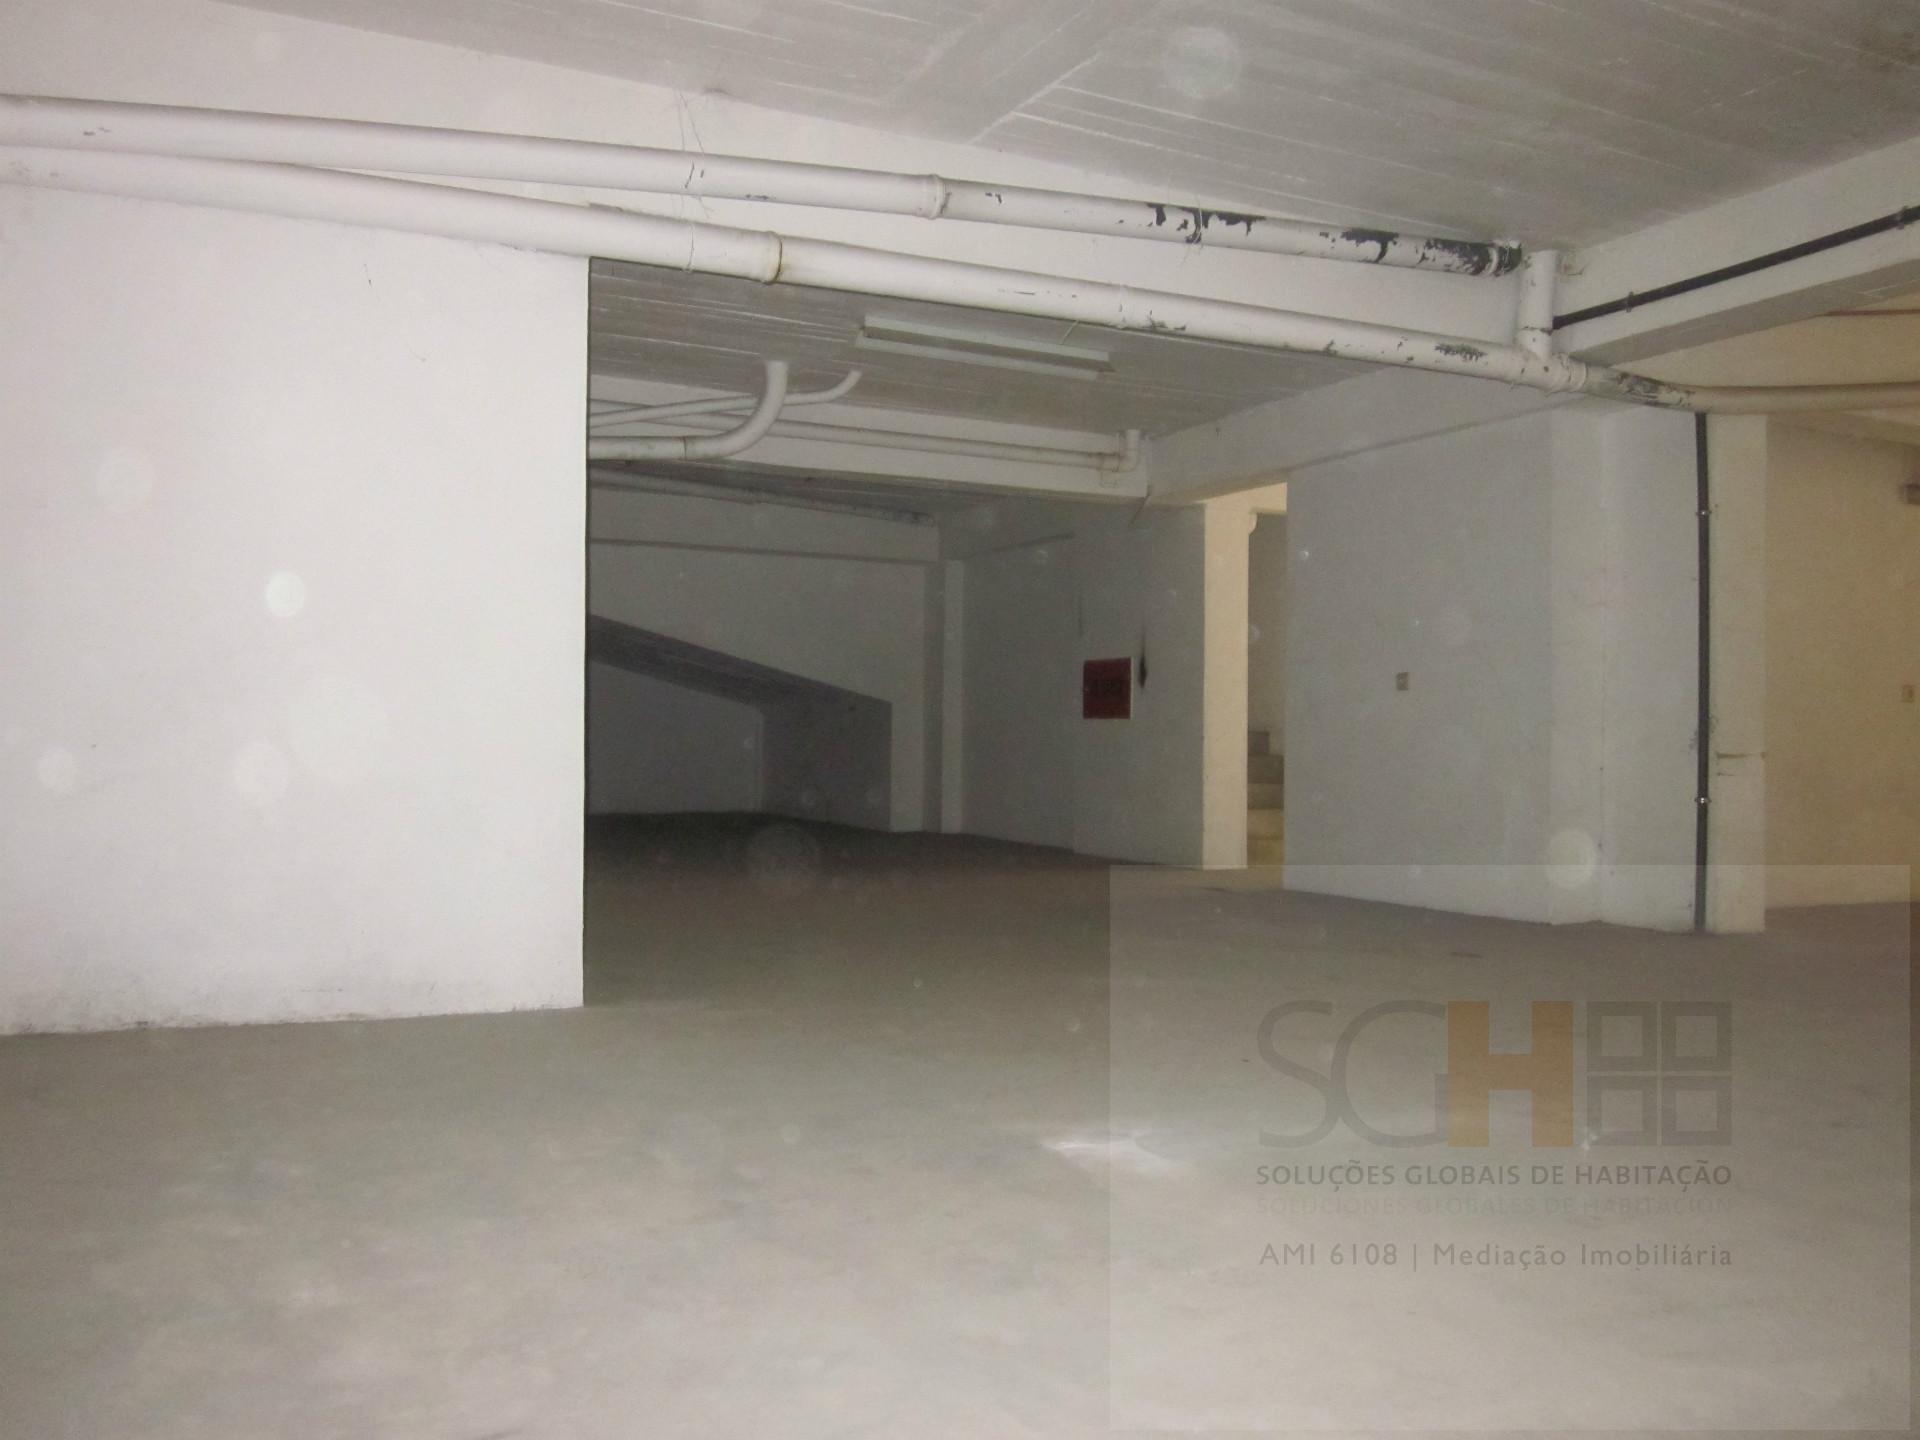 garagem 252 m2 , Castelo Branco, Castelo Branco